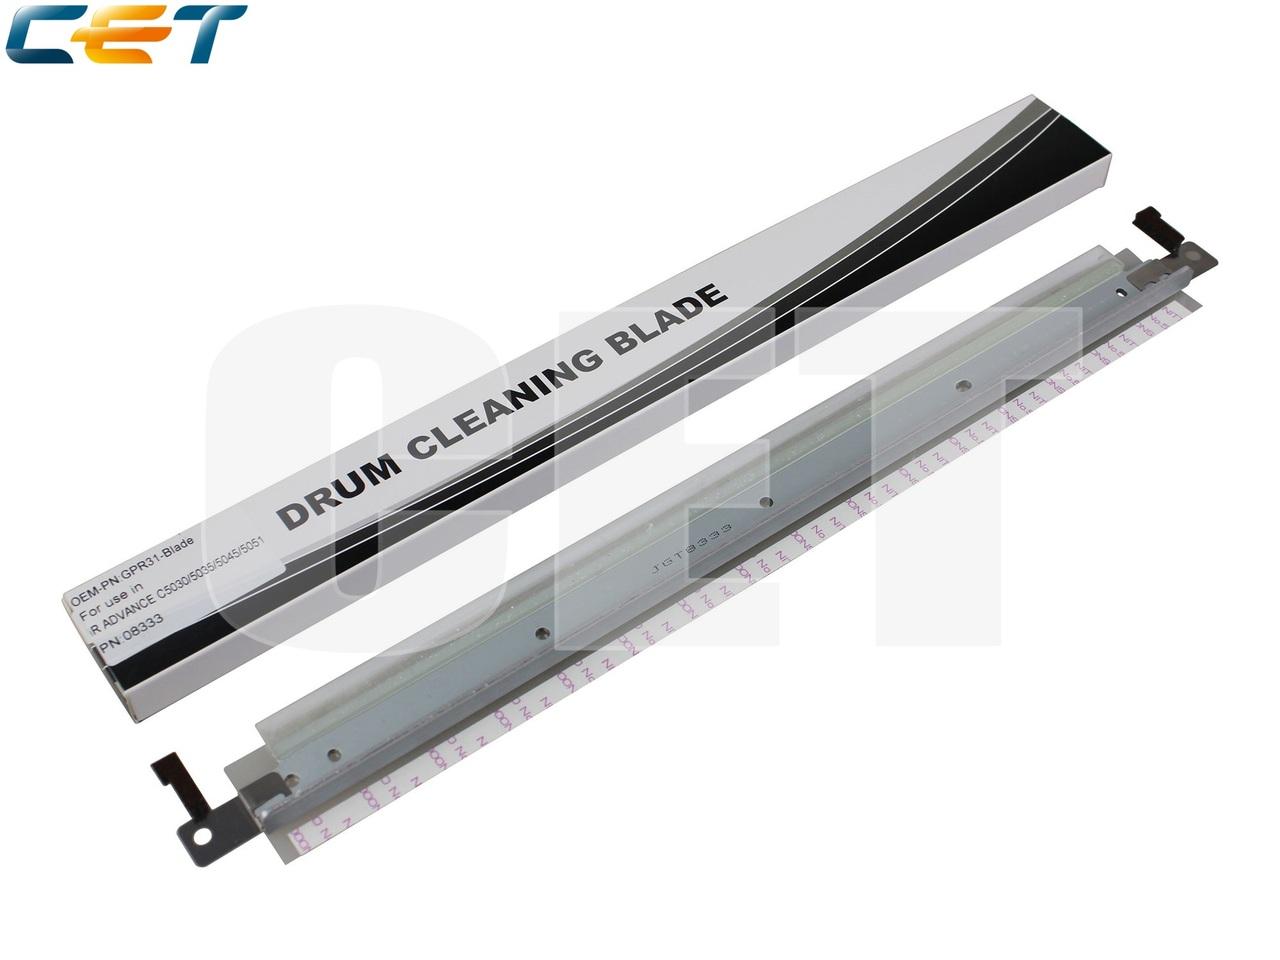 Ракель (старая версия драм-юнита) для CANON iR ADVANCEC5030/C5035/C5045/C5051/C5235/C5240/C5250/C5255 (CET),CET8333